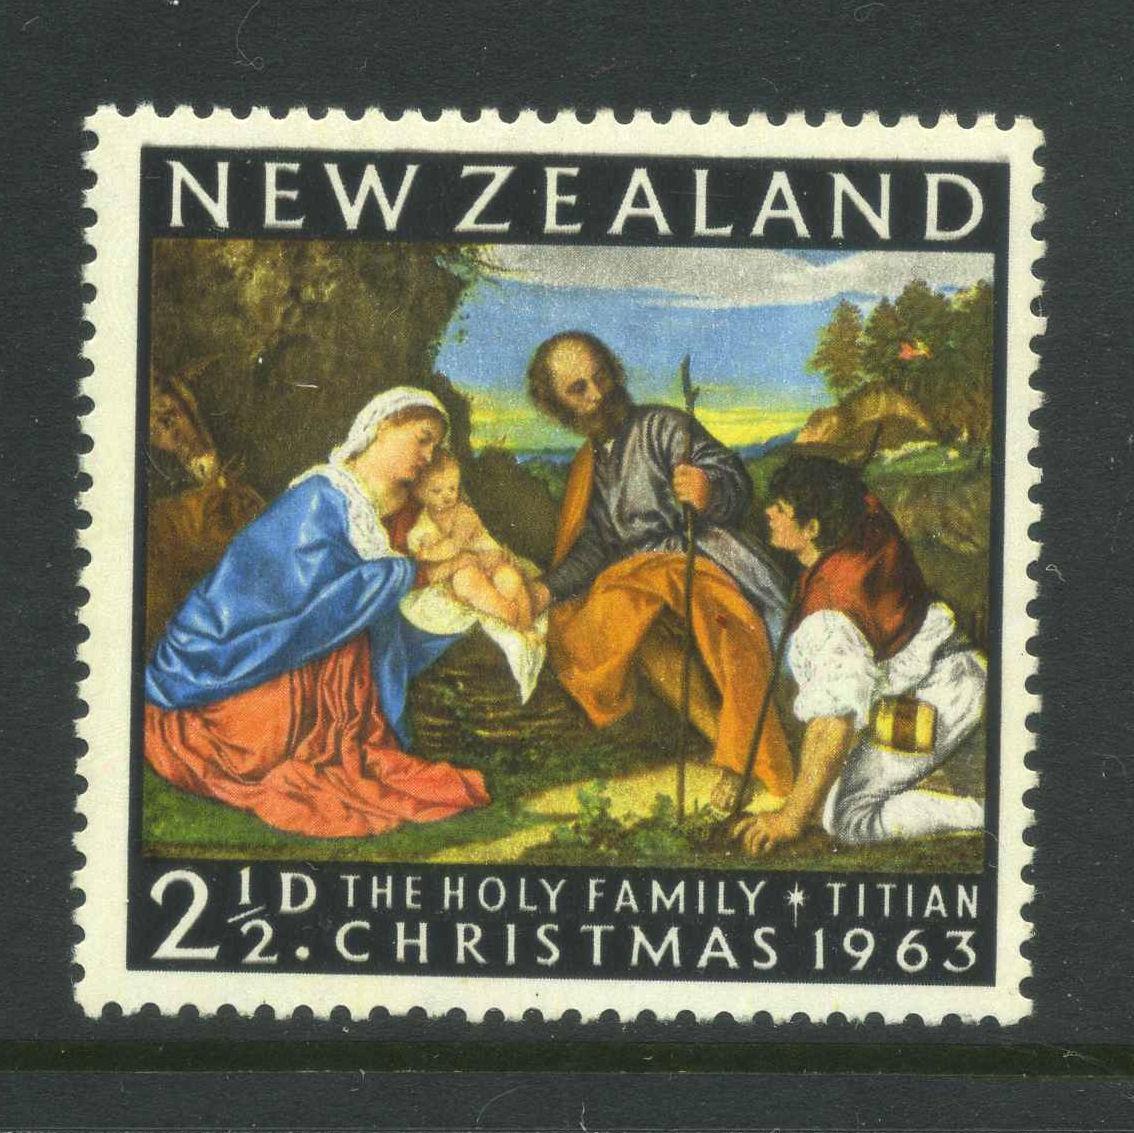 NZLX065127_809w_1